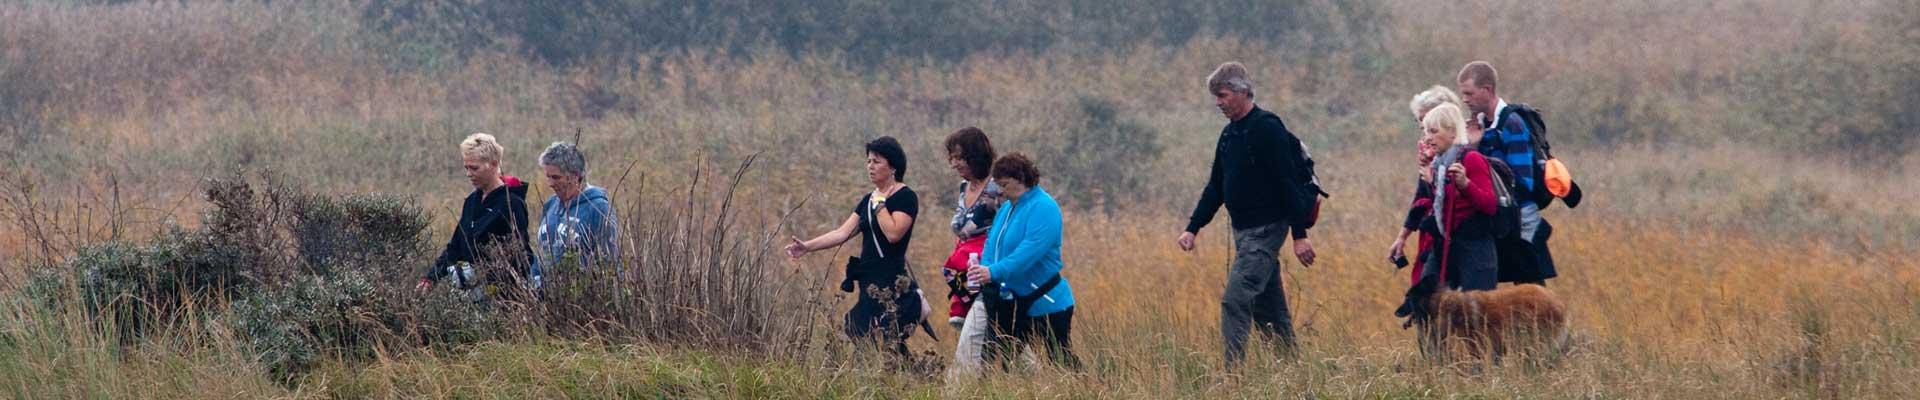 Tussen Slik en Zand: Deelnemers wandelen door de velden op Ameland